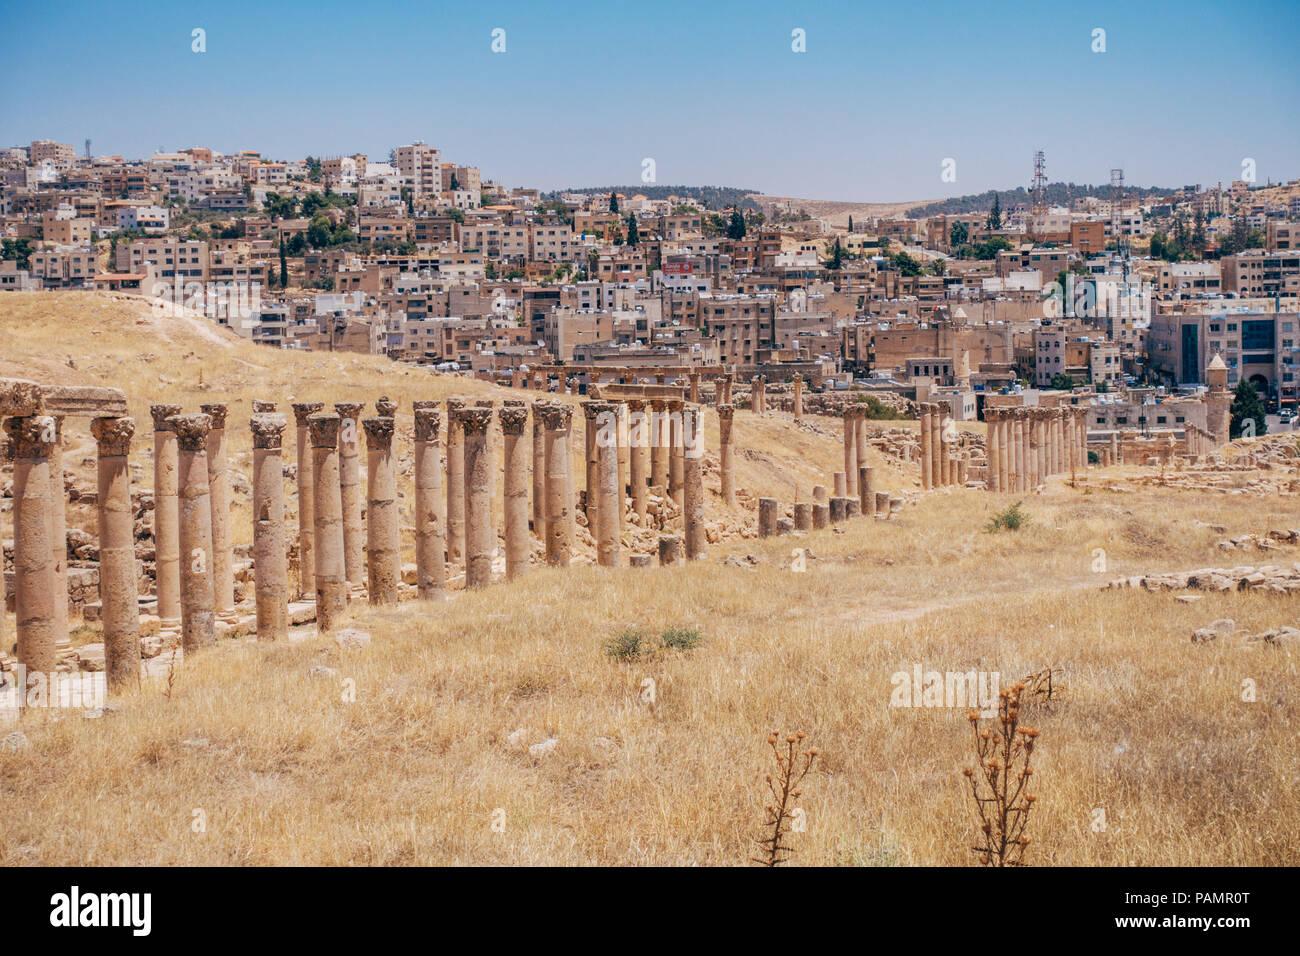 Vecchio antiche colonne greco-romana la linea strade lastricate in una calda giornata d'estate in Jerash, Giordania Immagini Stock